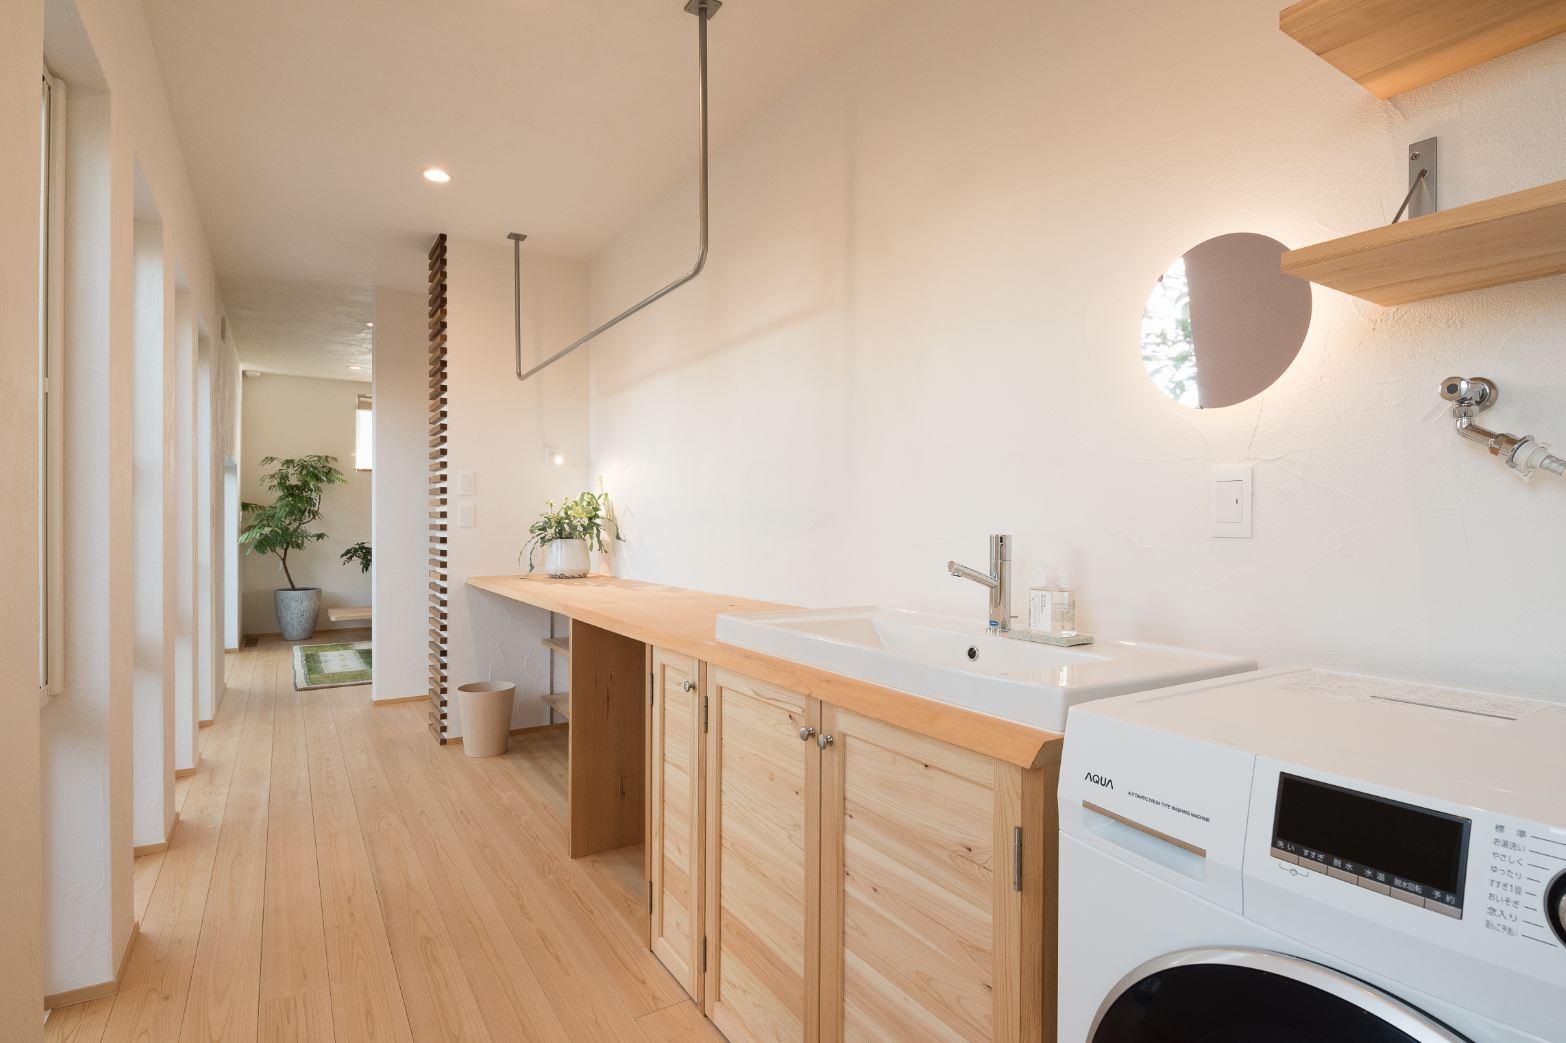 アイジースタイルハウス【浜松市東区和田町439-1・モデルハウス】キッチン、パントリーからつながるサニタリー。洗う・干す・アイロンがけ・収納が一か所で完結できるので、共働き・子育夫婦の家事時間を大幅に短縮する